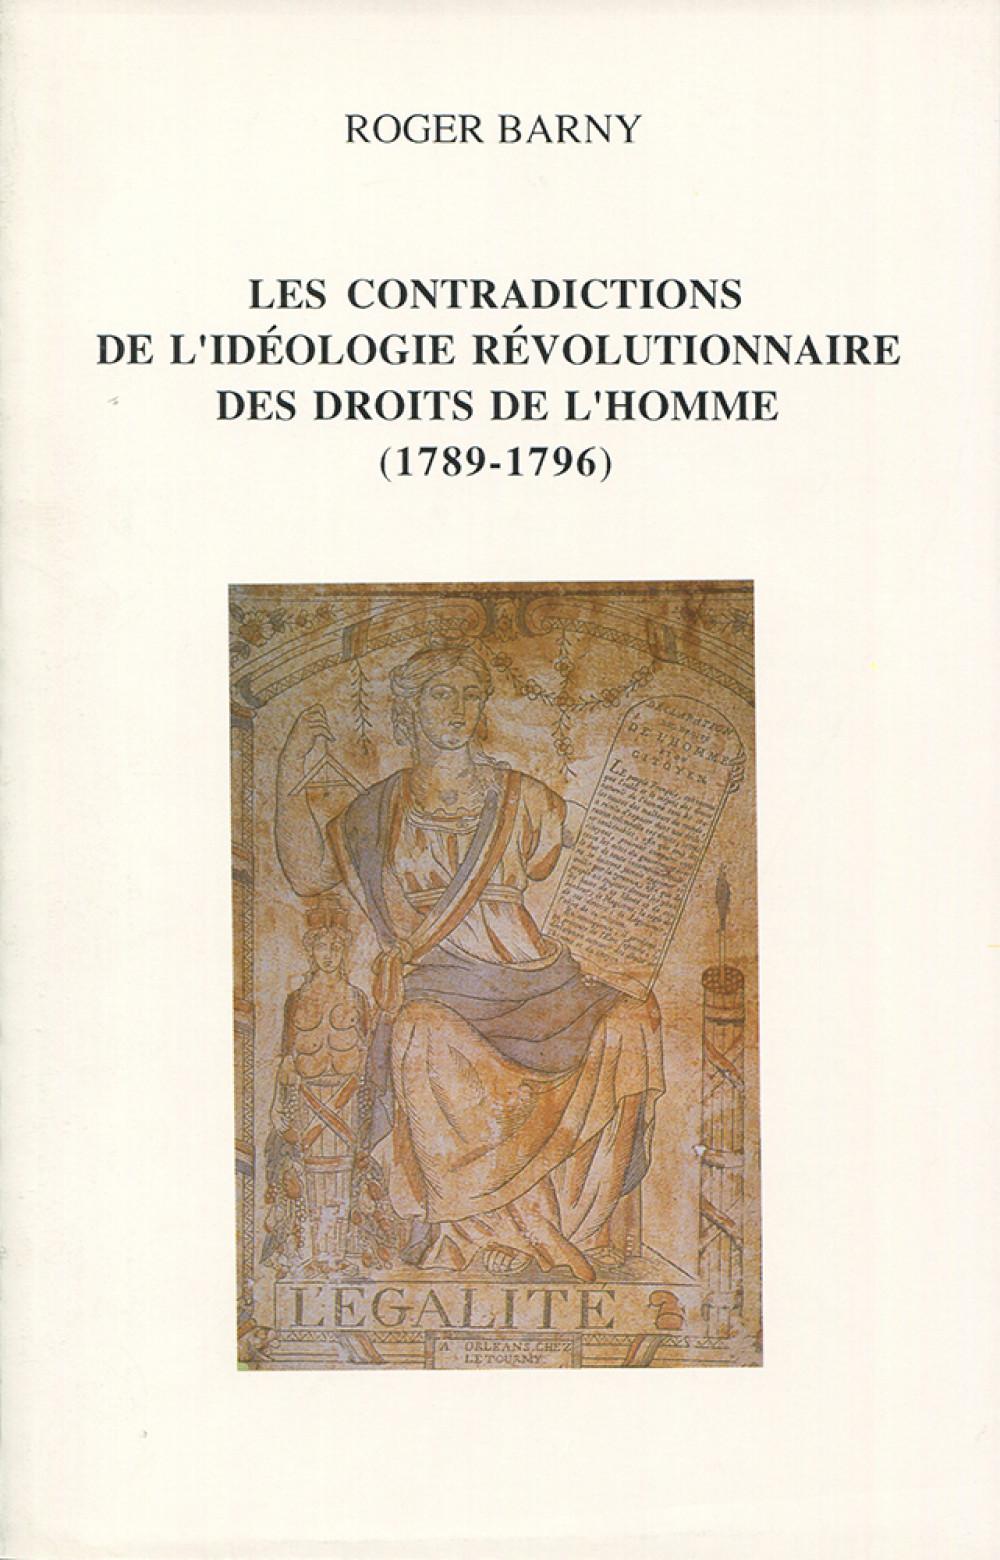 Les contradictions de l'idéologie révolutionnaire des droits de l'Homme (1789-1796)